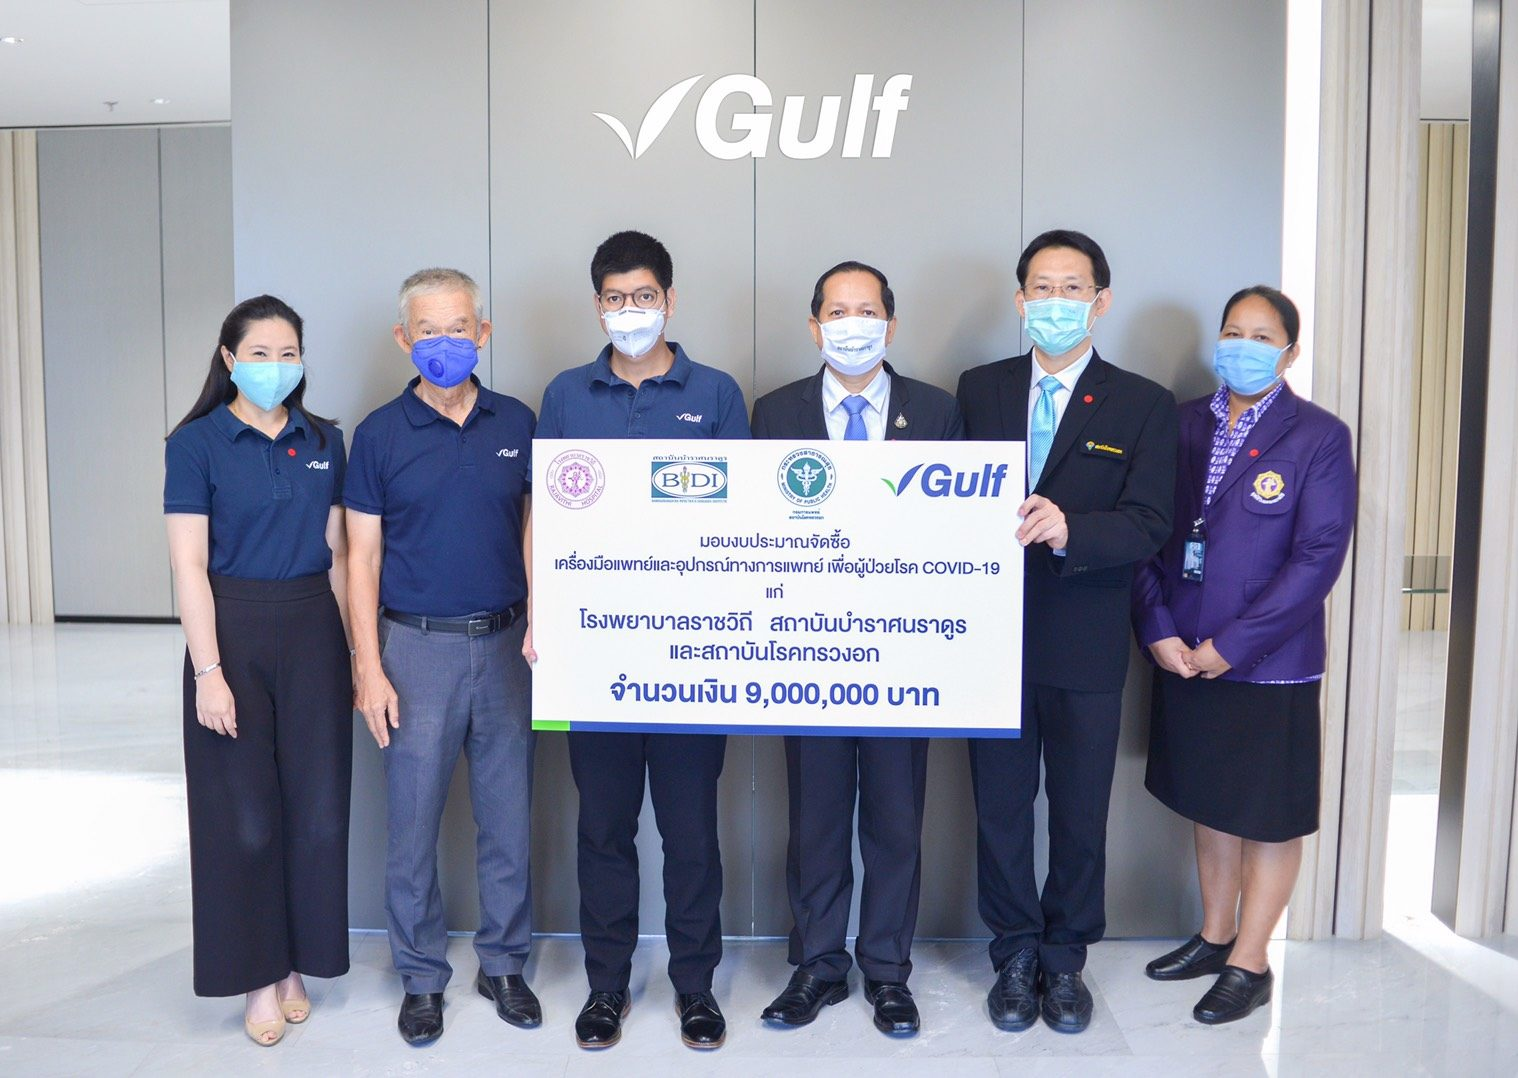 กัลฟ์ สนับสนุนการจัดซื้ออุปกรณ์ทางการแพทย์แก่รพ.ราชวิถี สถาบันบำราศนราดูร และสถาบันโรคทรวงอก รวม 9 ล้านบาท ร่วมสู้ COVID-19